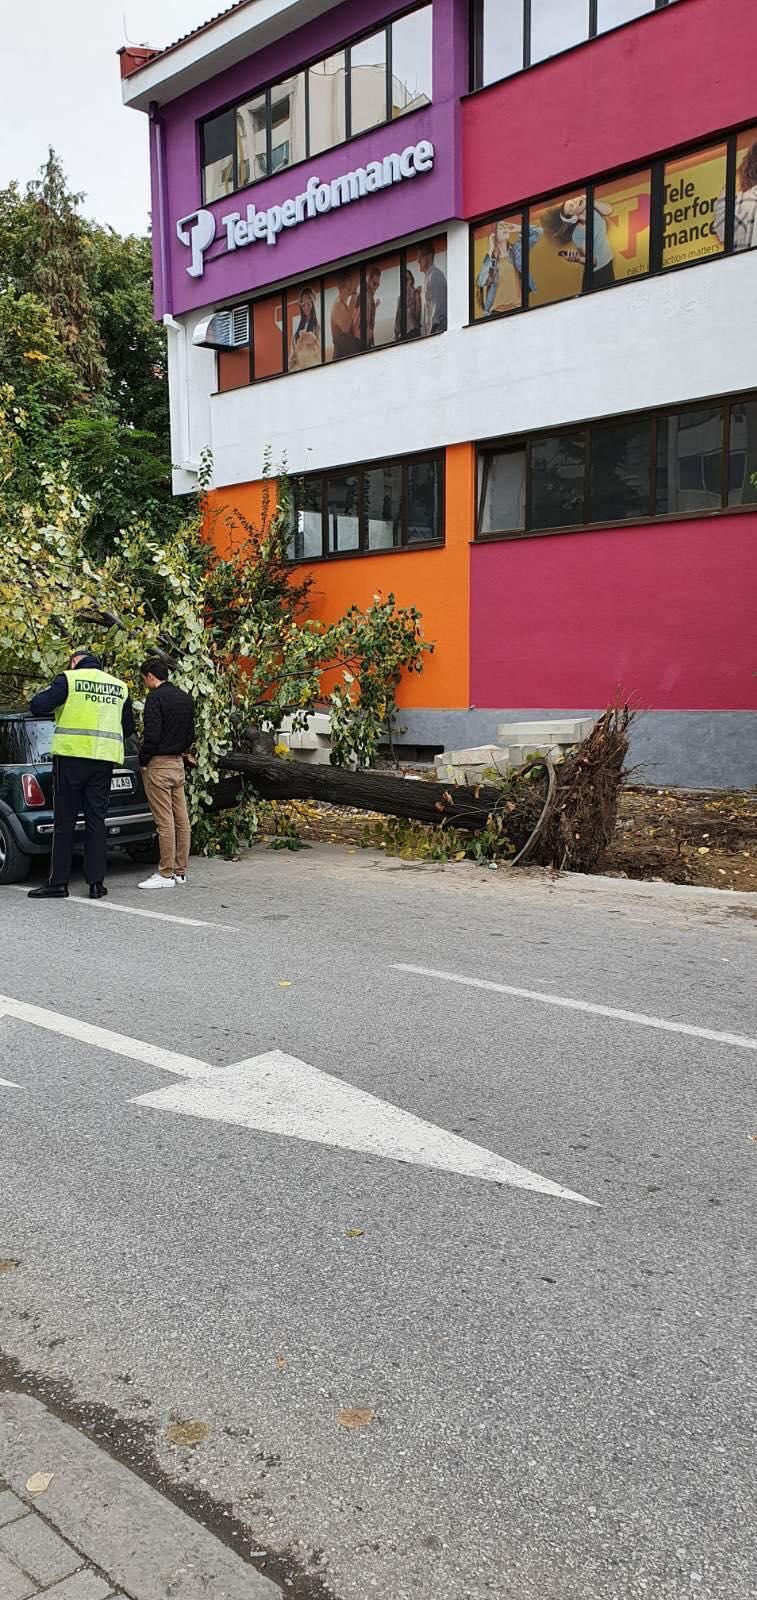 Додека се најавуваа помпезно реконструкции на улици во Скопје на истите се случува хаос- падна дрво врз автомобил во Капиштец (ФОТО)